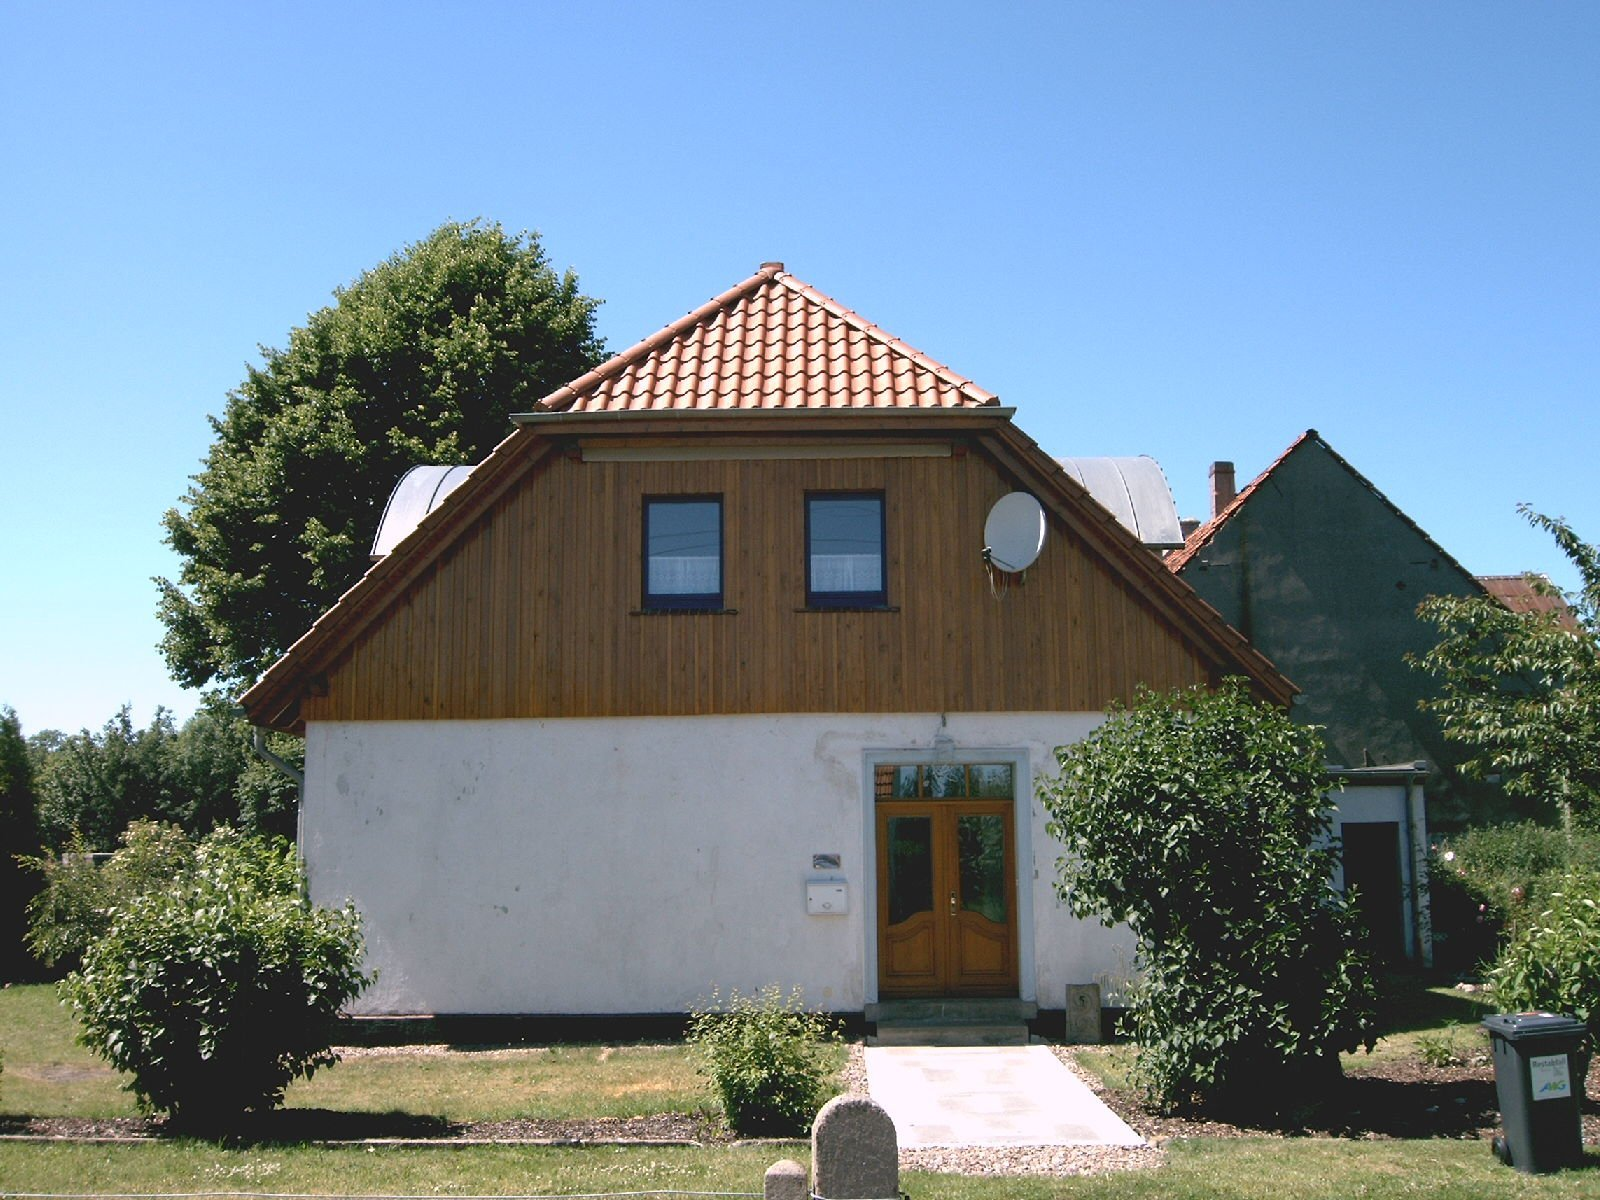 Siedlungshaus Umbauen wohnzimmerz siedlungshaus umbauen with siedlungshaus kaufen